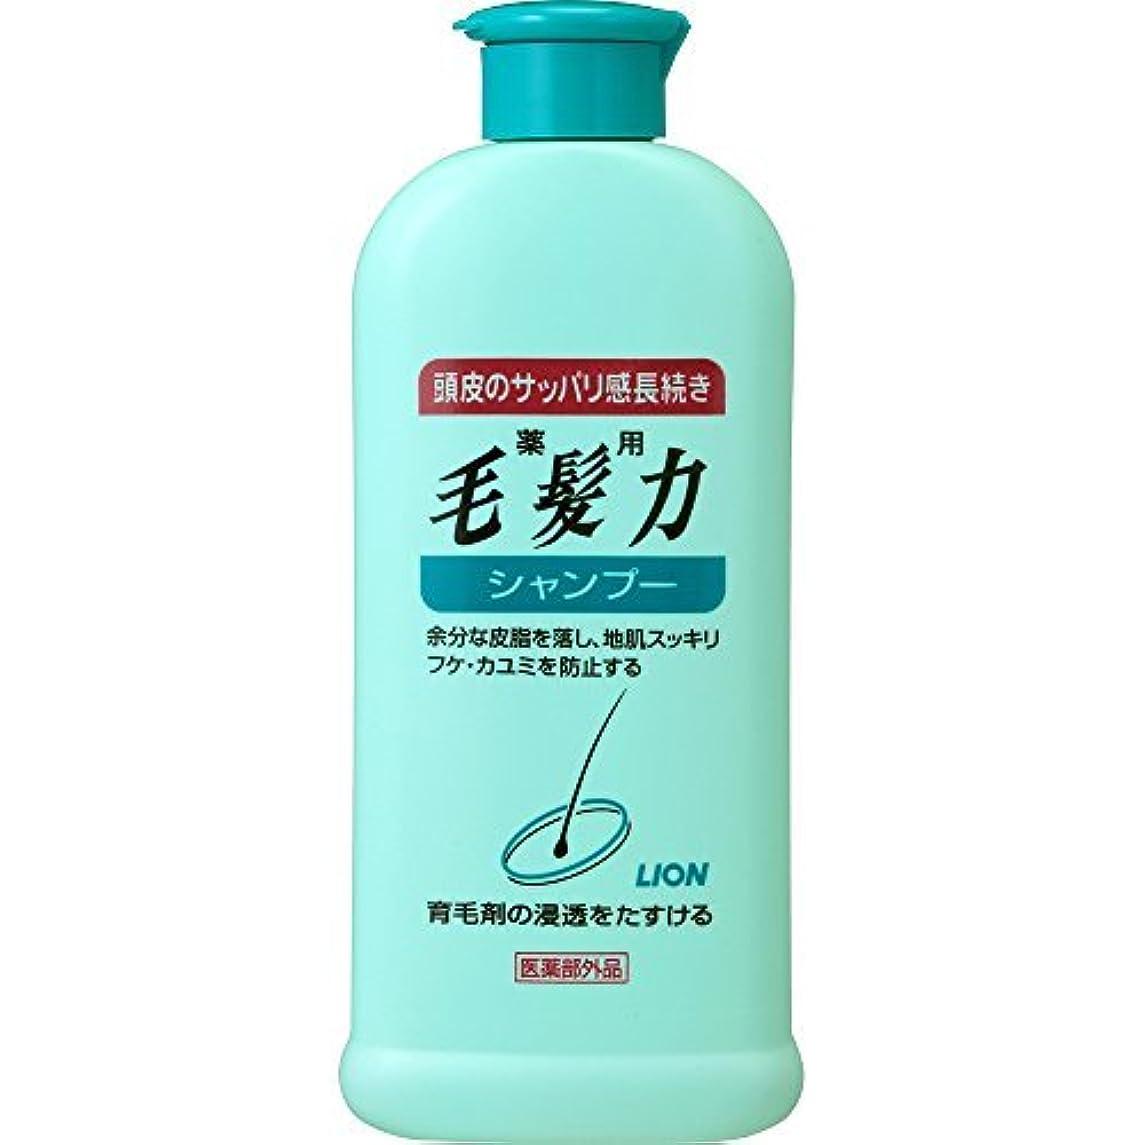 薄いです消費しょっぱい【ライオン】薬用毛髪力シャンプー200ml×6個セット